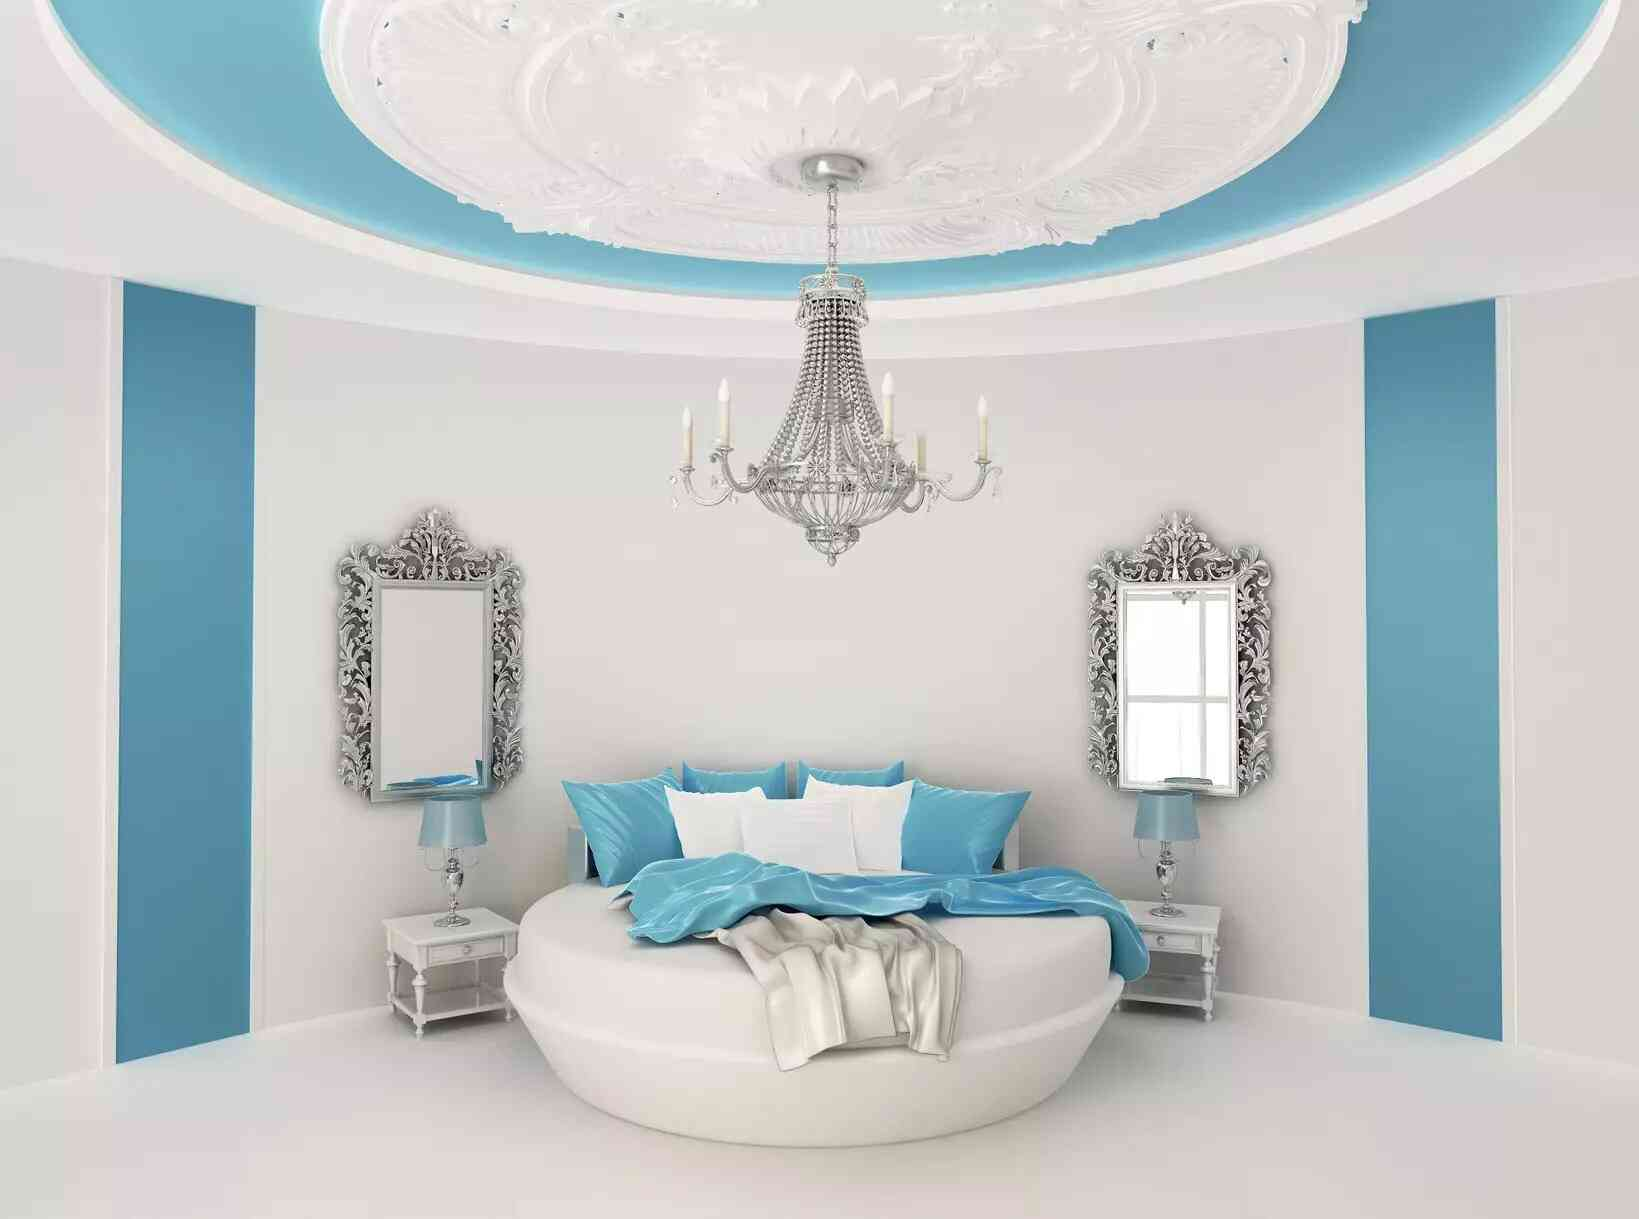 giường tròn đẹp màu xanh